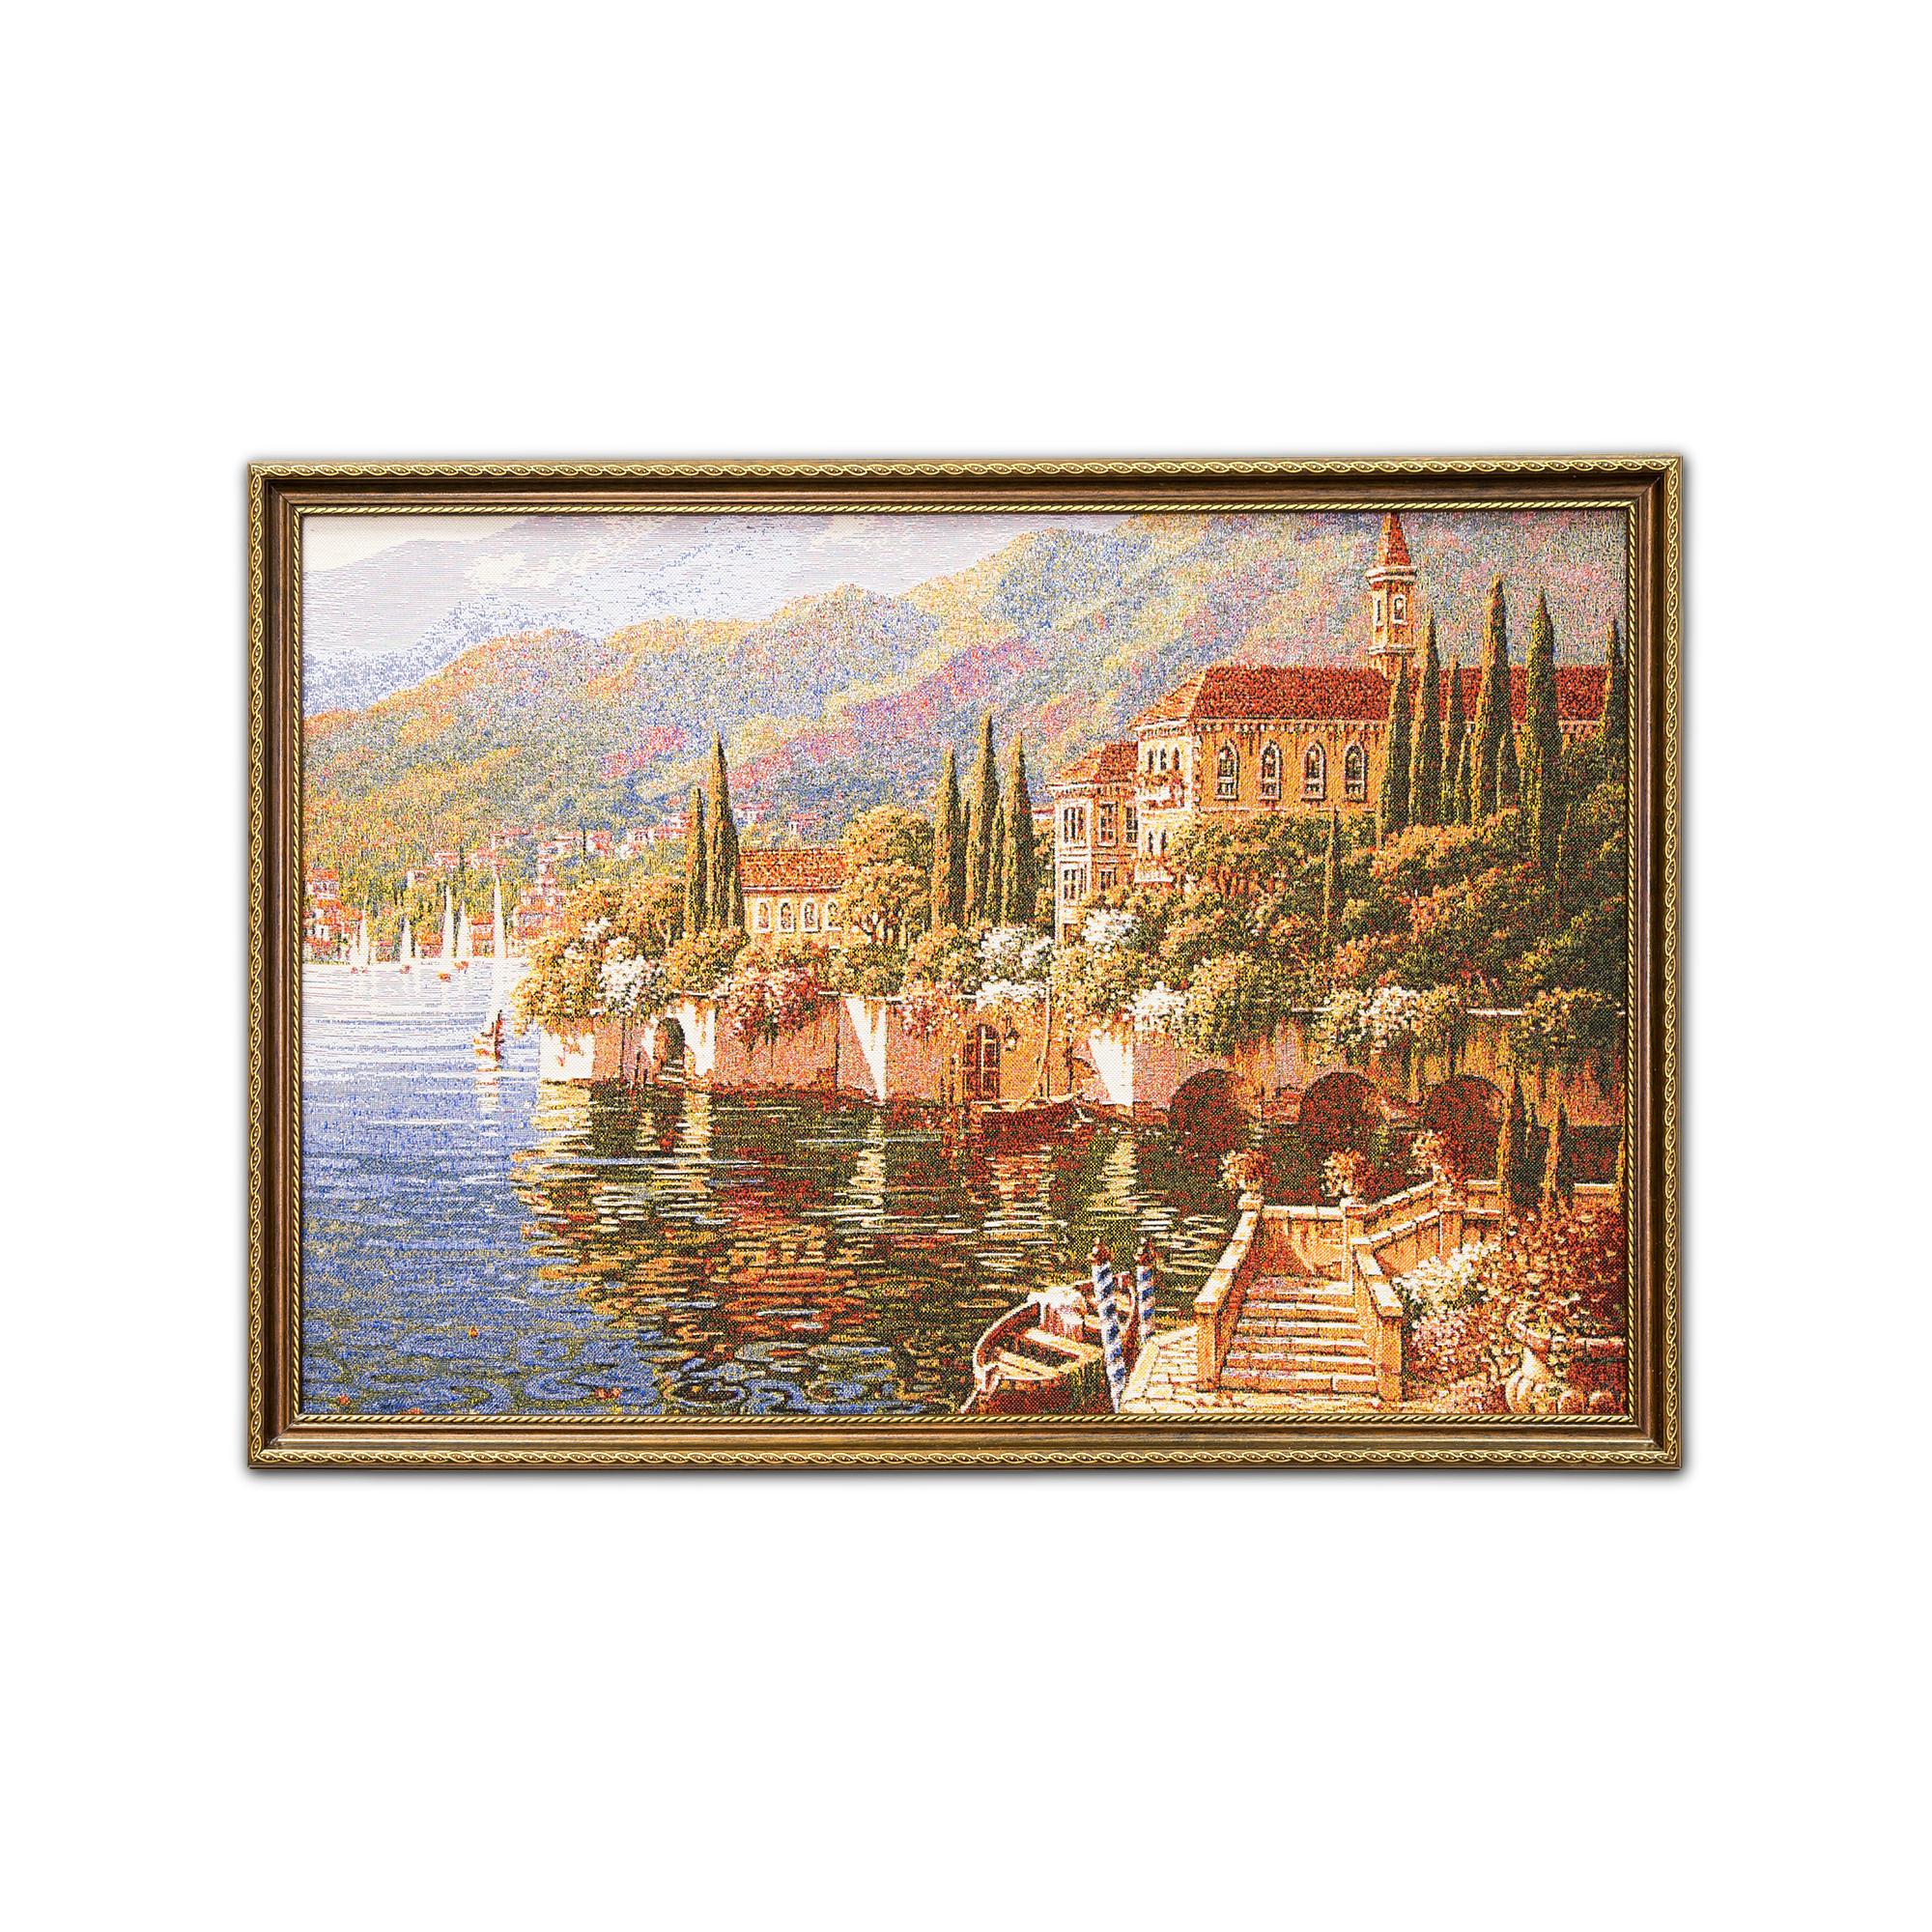 Купить со скидкой Картины, постеры, гобелены, панно A La Gobelin